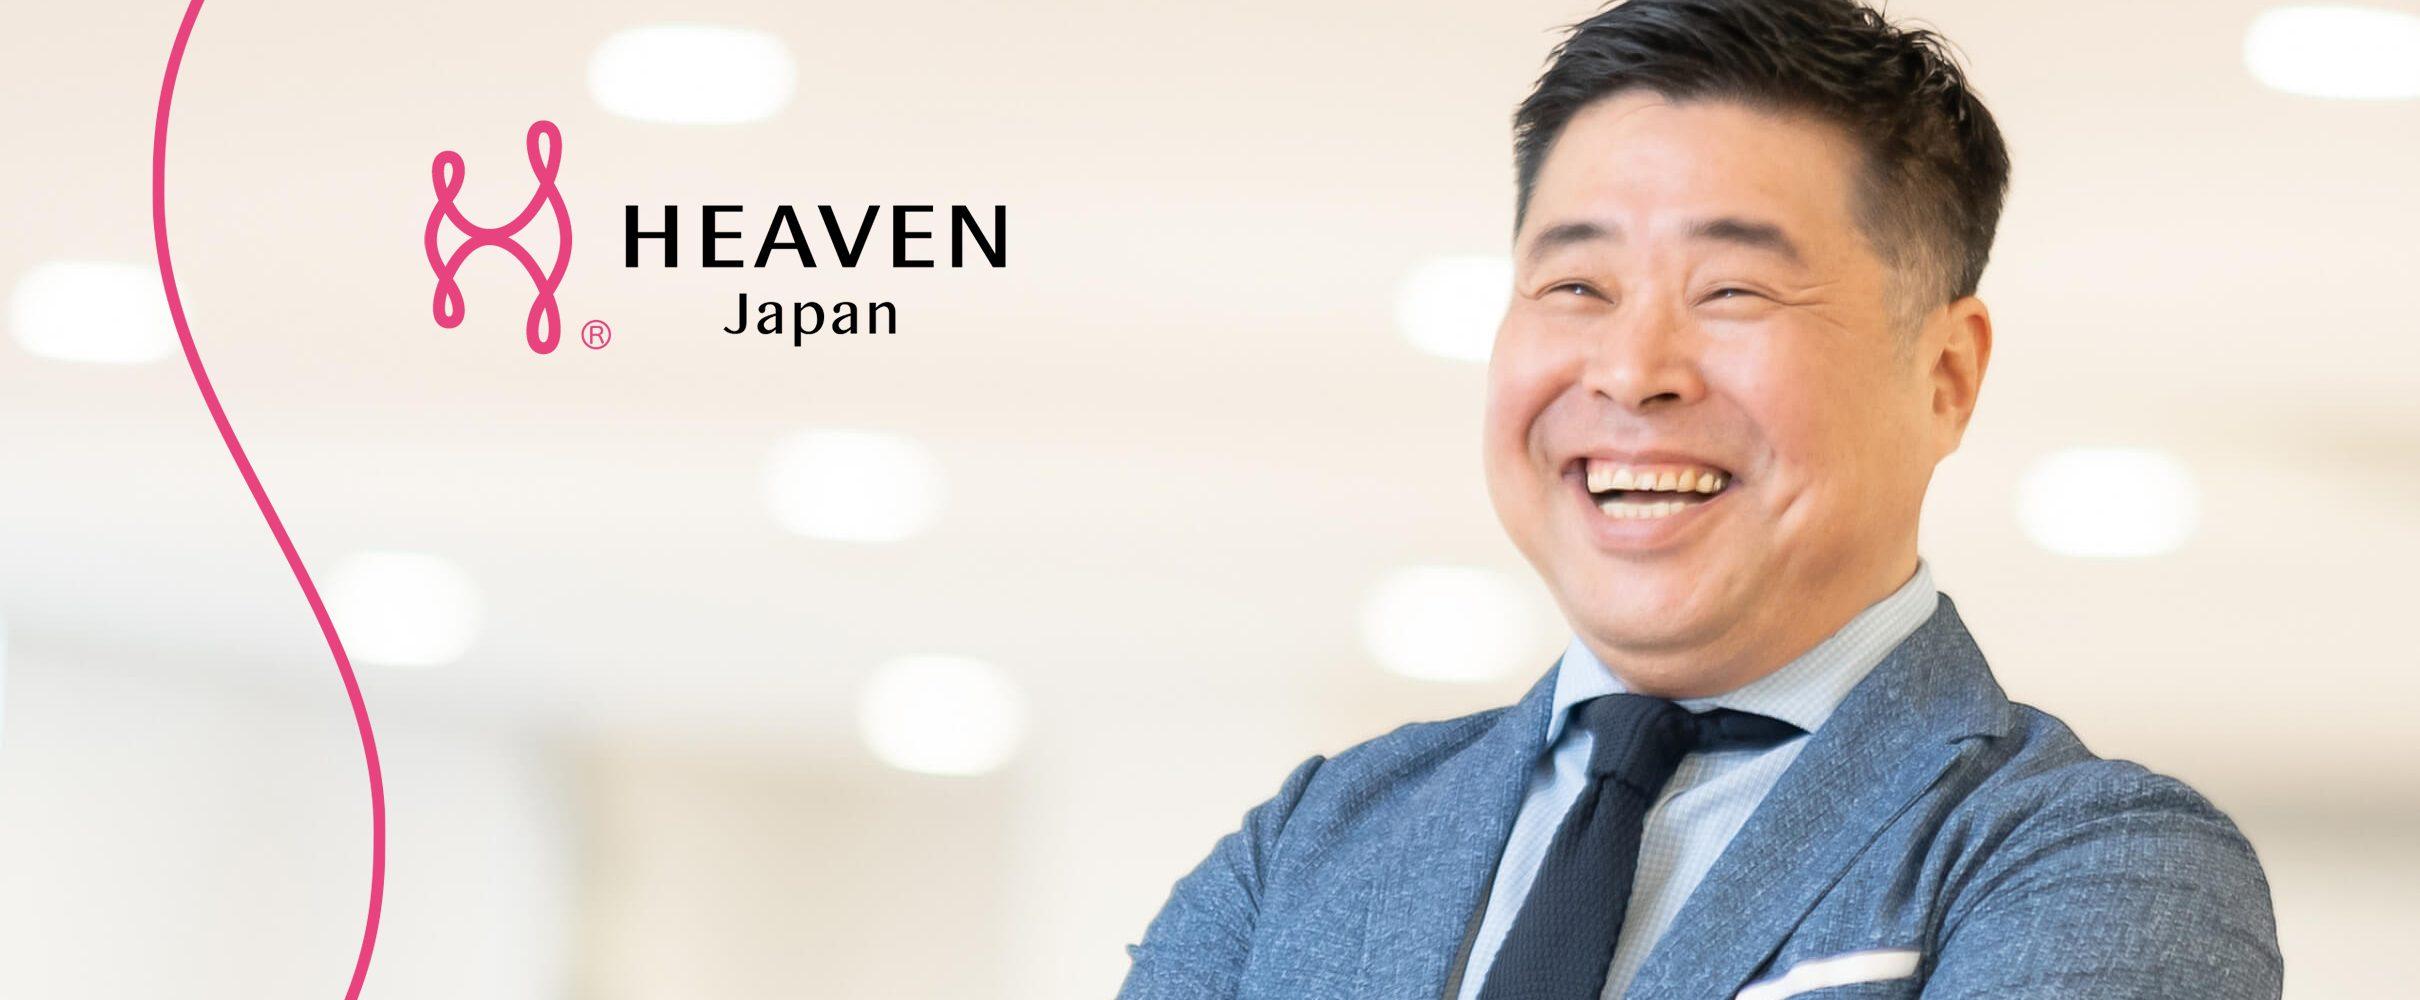 下着のSPA企業から、適正下着®を核にしたテクノロジー企業へ。大阪で3社のみ、事業再構築補助金(卒業枠1億円)に採択。